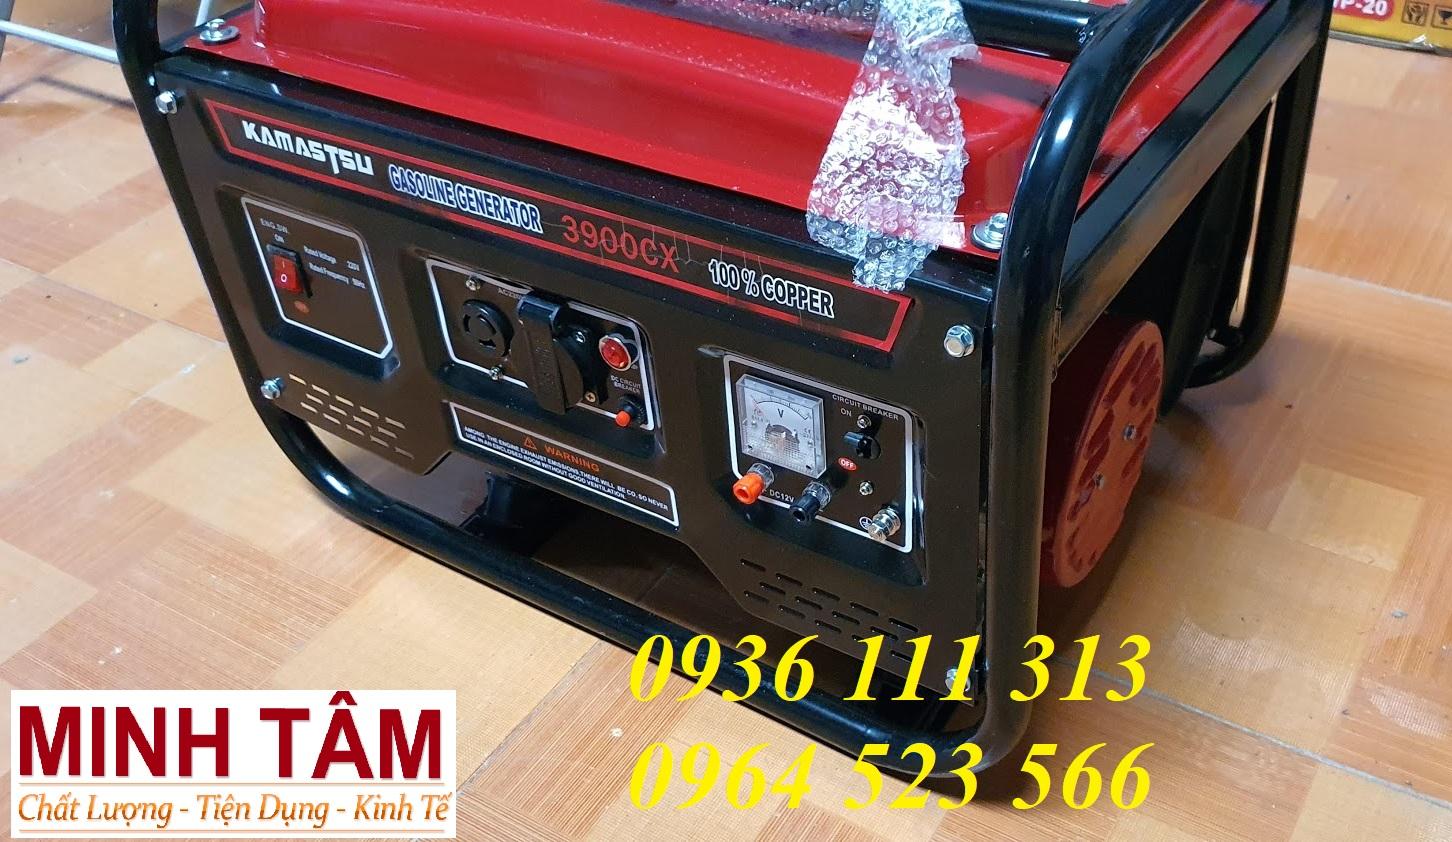 Kamastsu 3900cx - Máy phát điện chạy xăng 3kw